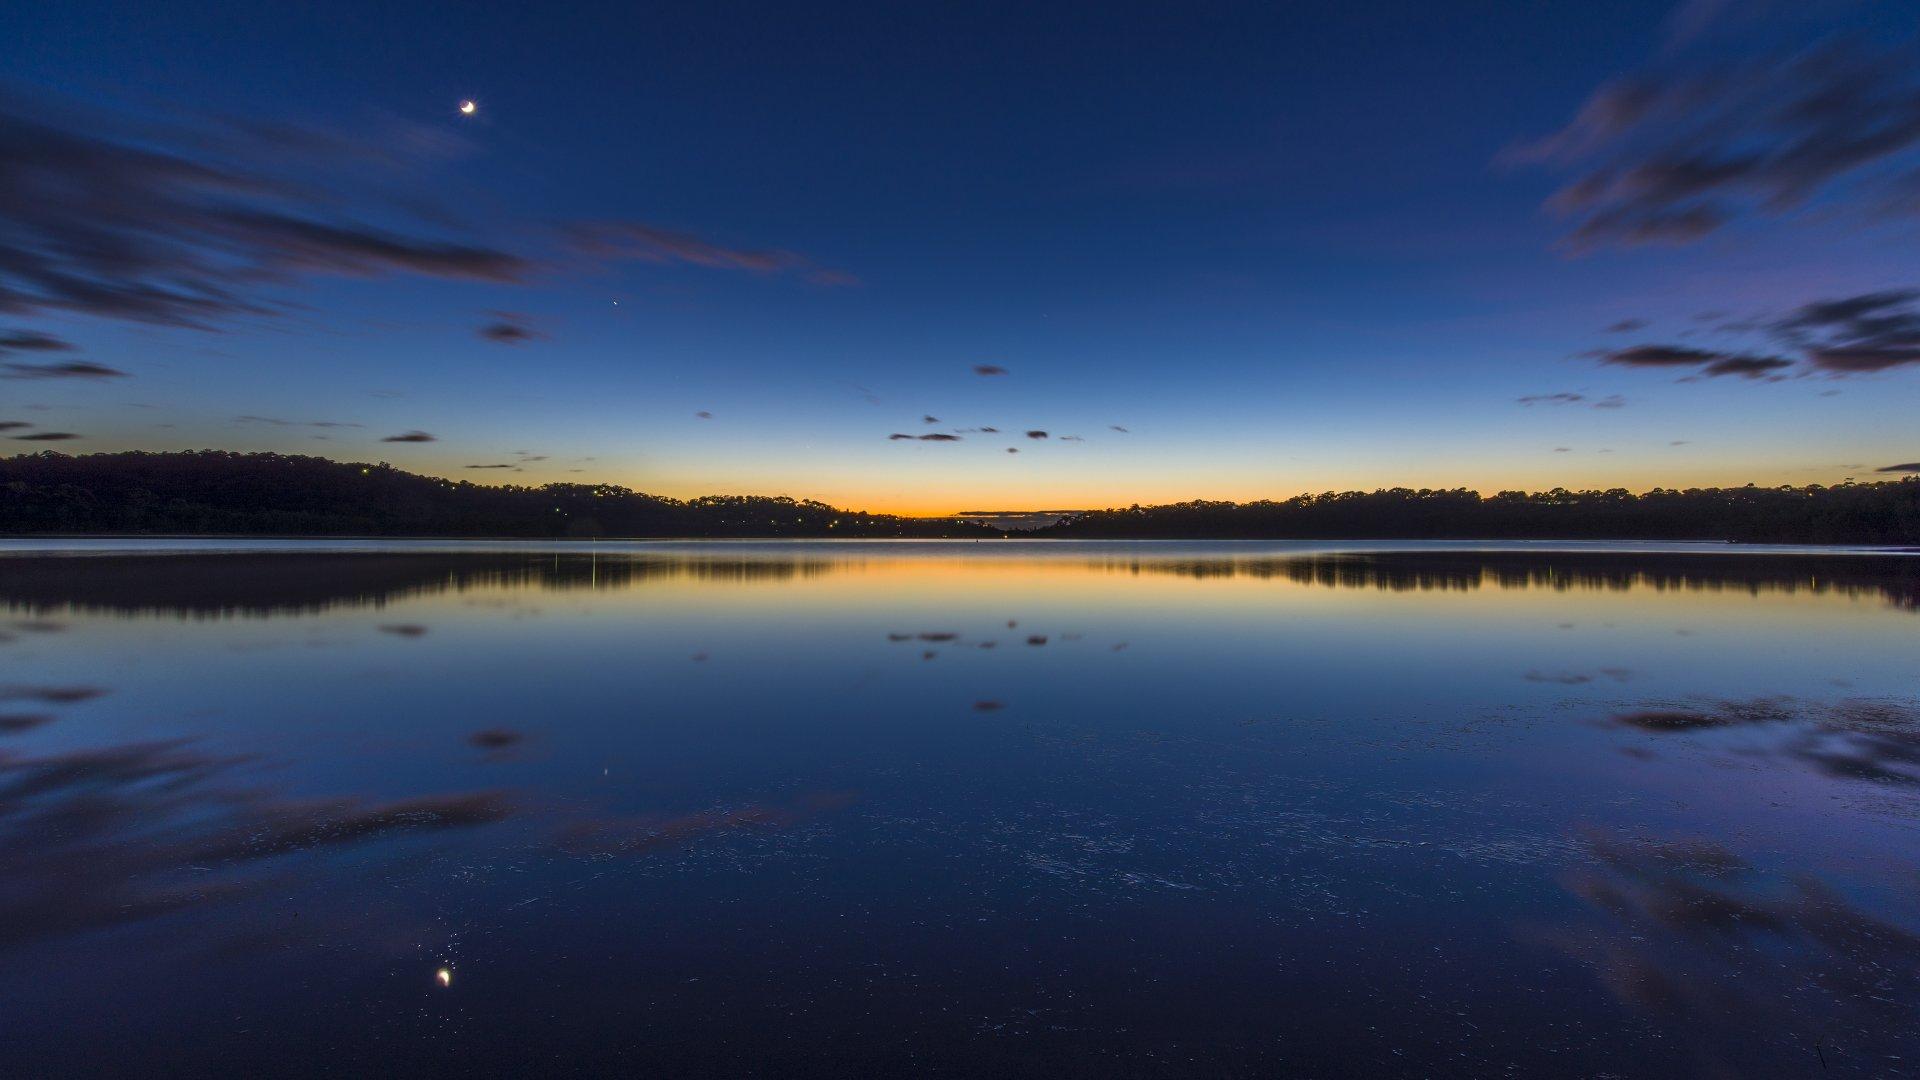 Klicke auf die Grafik für eine größere Ansicht  Name:nature_lake_sunset_landscape_ultrahd_4k_wallpaper_1920x1080.jpg Hits:1445 Größe:161,4 KB ID:78705